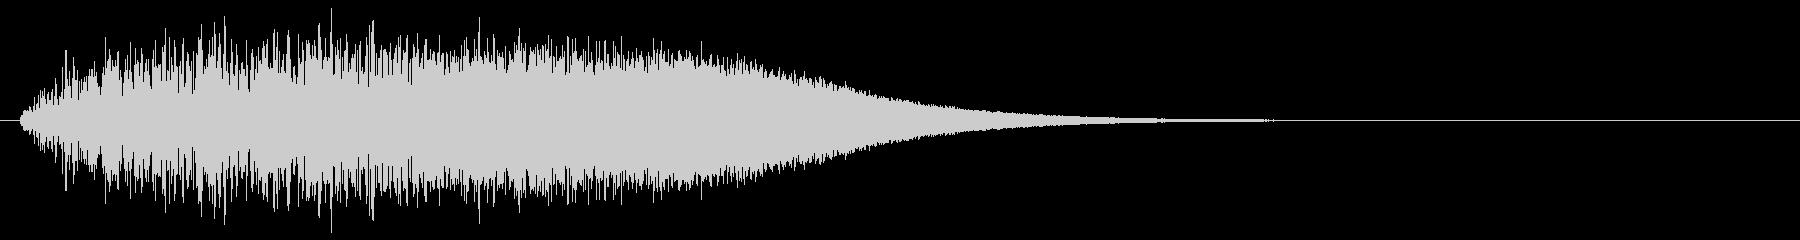 上昇系グリッサンド(キーA#)の未再生の波形